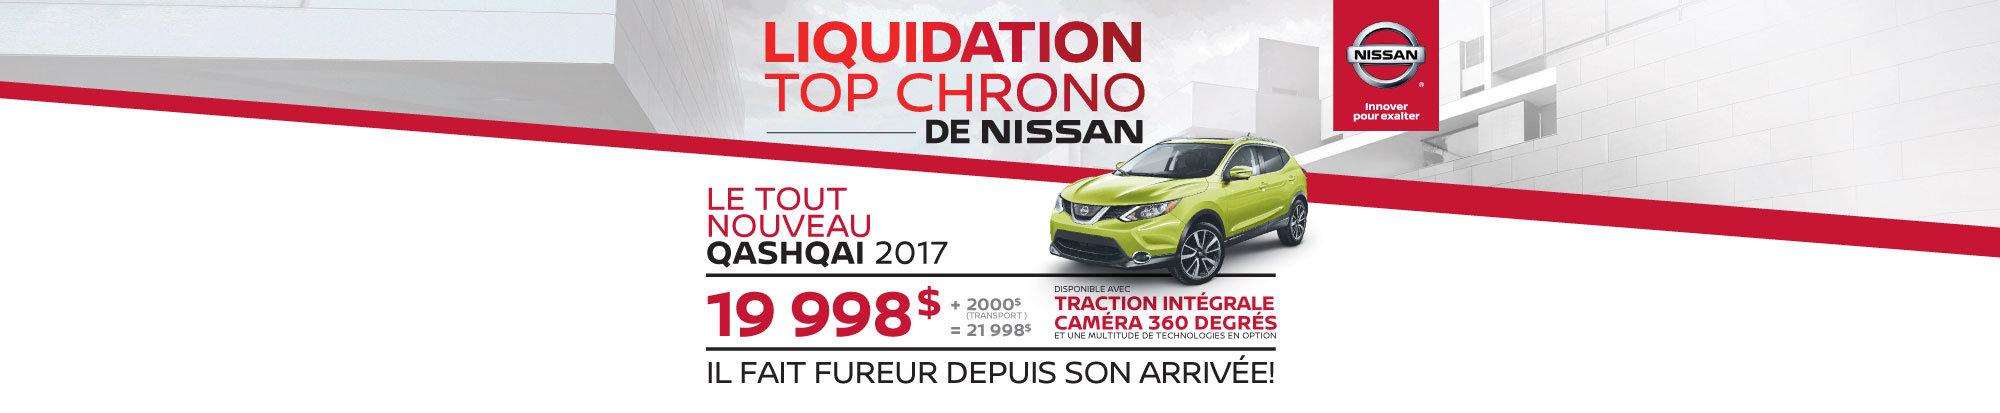 Nissan Qashqai 2017 web